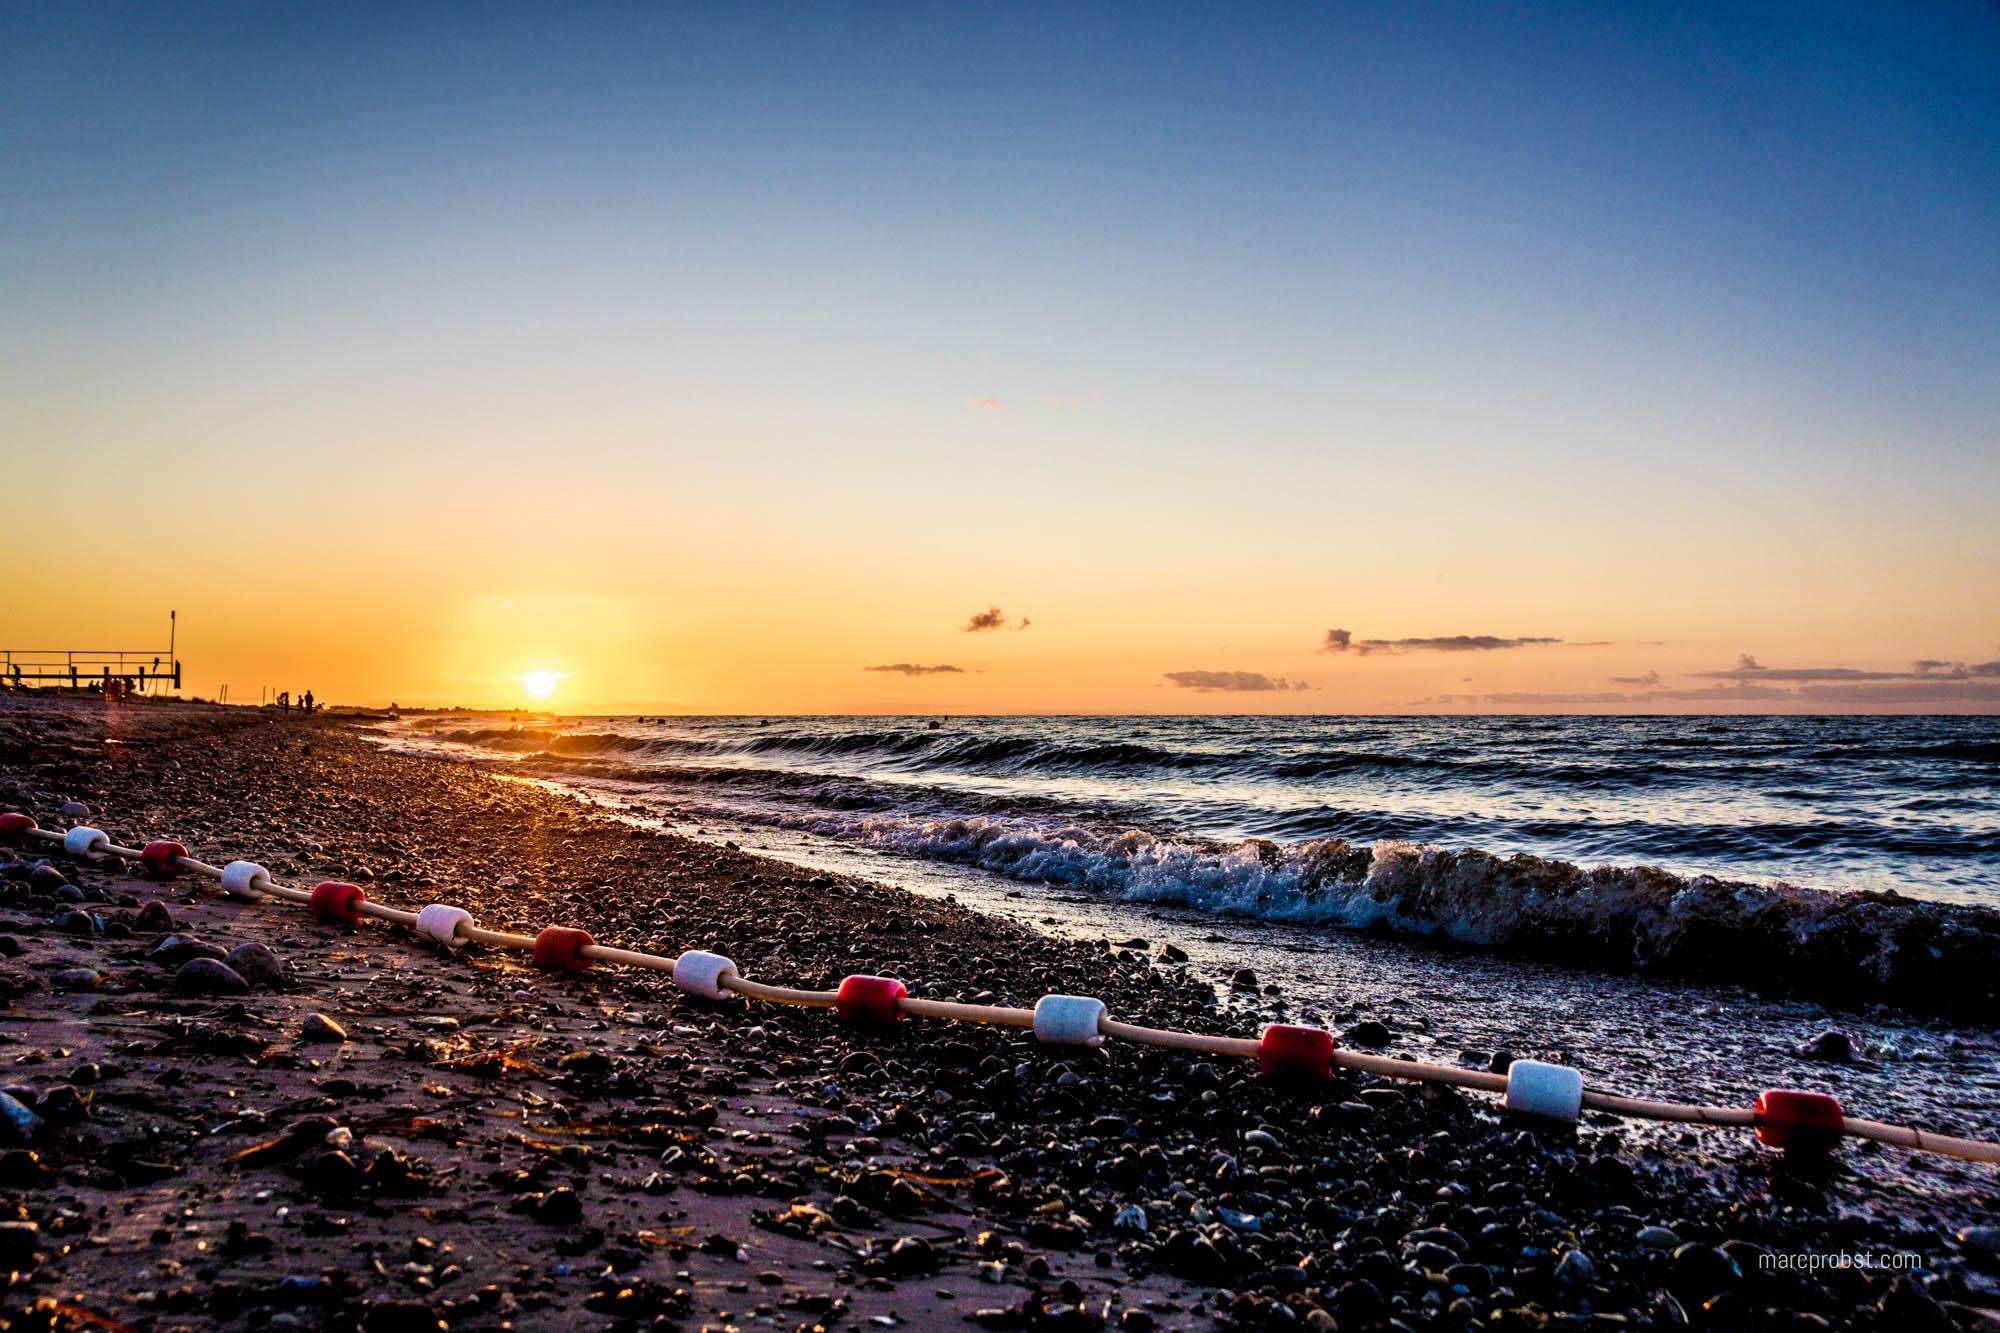 Sonnenuntergang am Strand in Hohenfelde